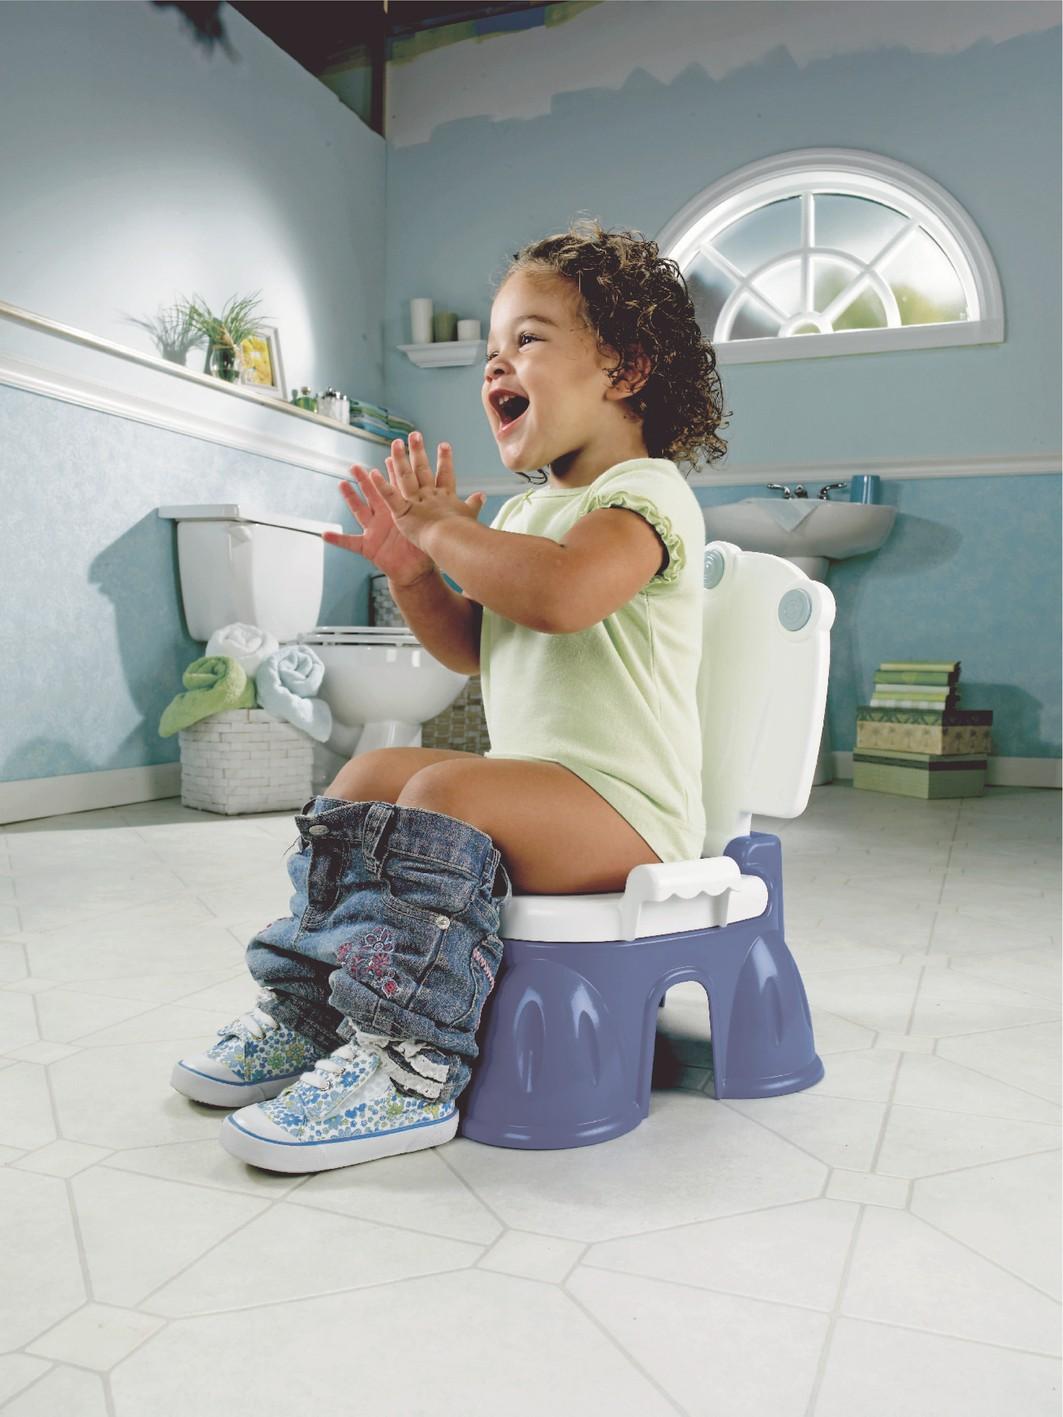 Bambini e pip come abituarli al vasino naturalmente donna - Andare spesso in bagno a fare pipi ...